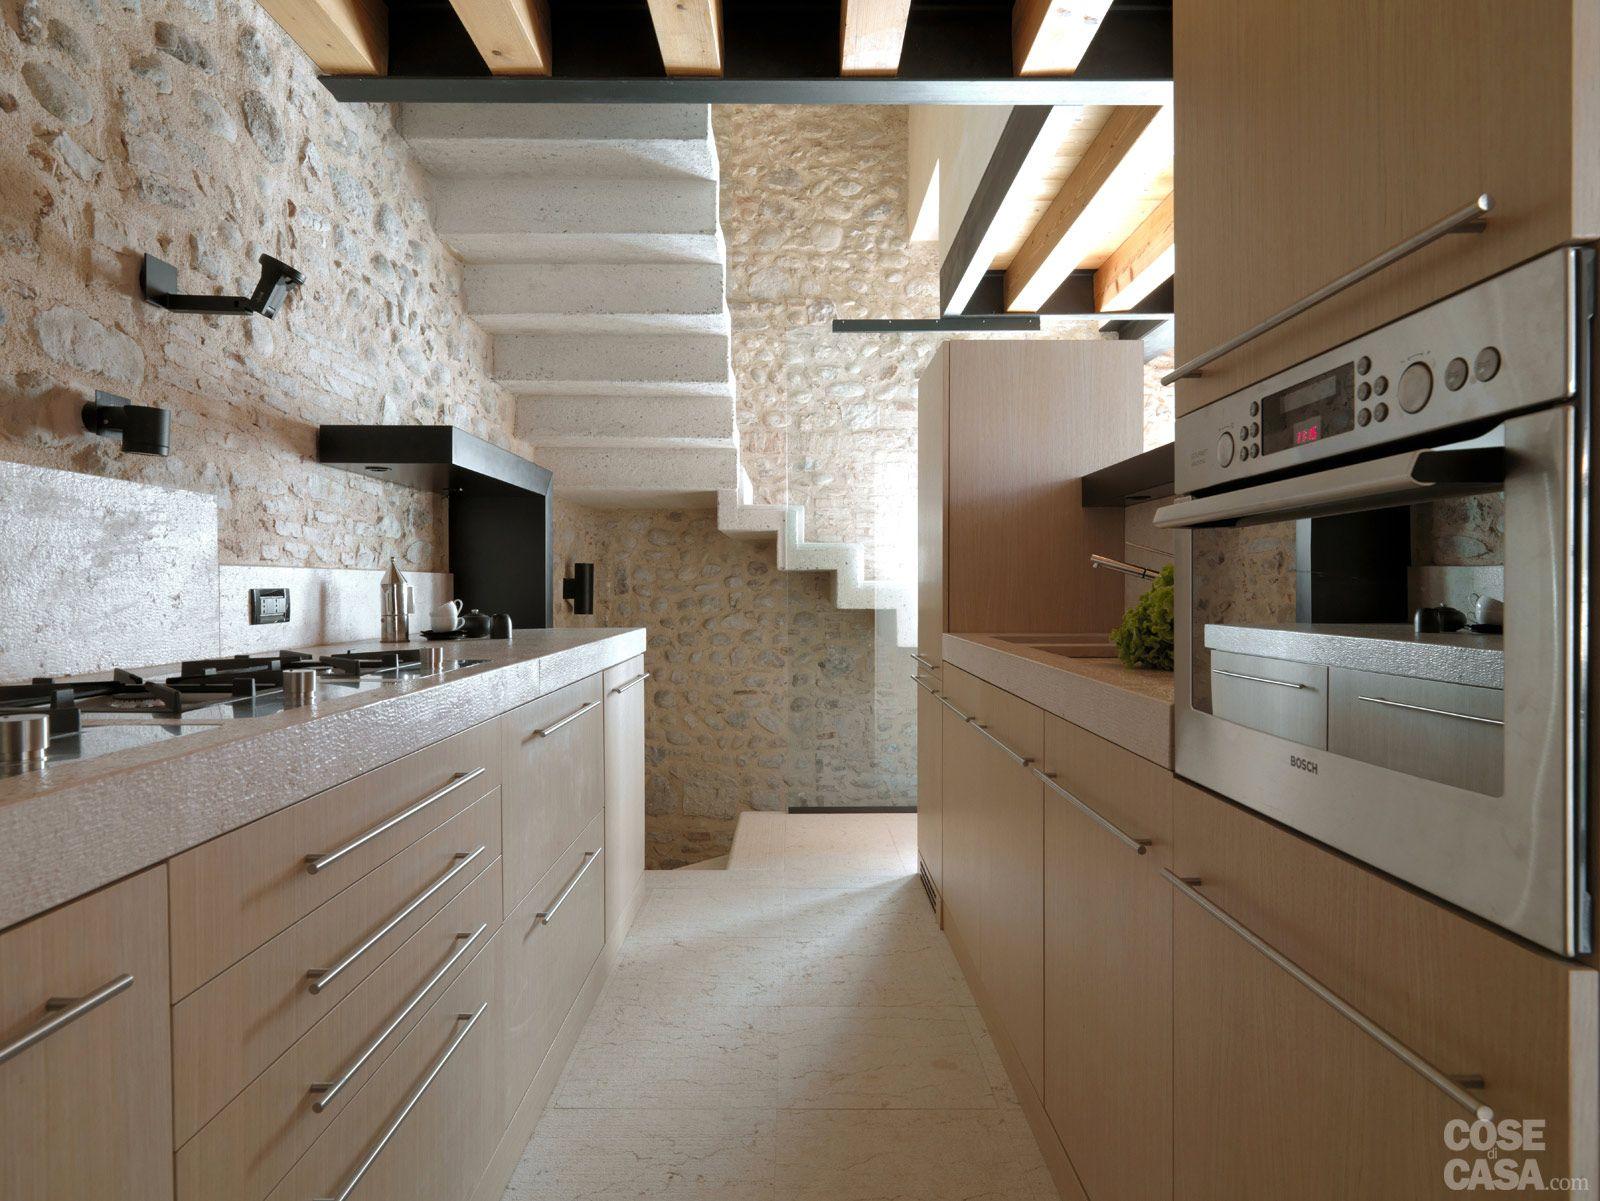 Legno e pietra a vista nella casa restaurata - Cose di Casa  Idee per la casa  Pinterest ...